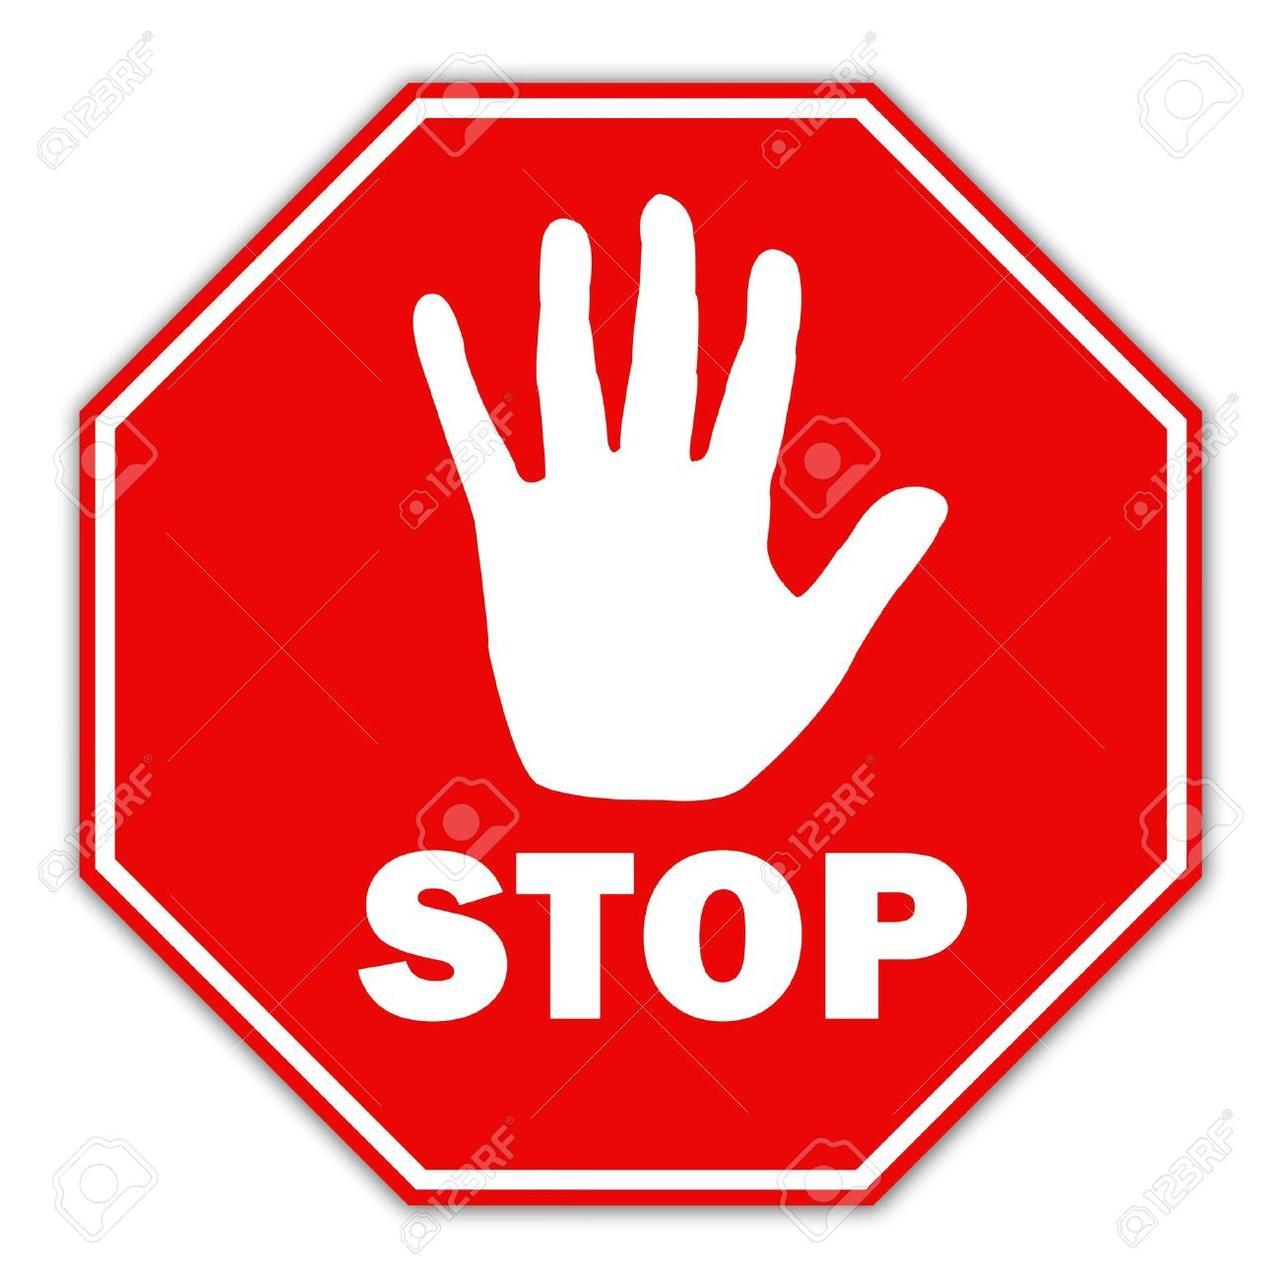 Суд повторно и в более в жесткой форме запретил Биржам использовать электронную площадку ГП «ЛИАЦ»